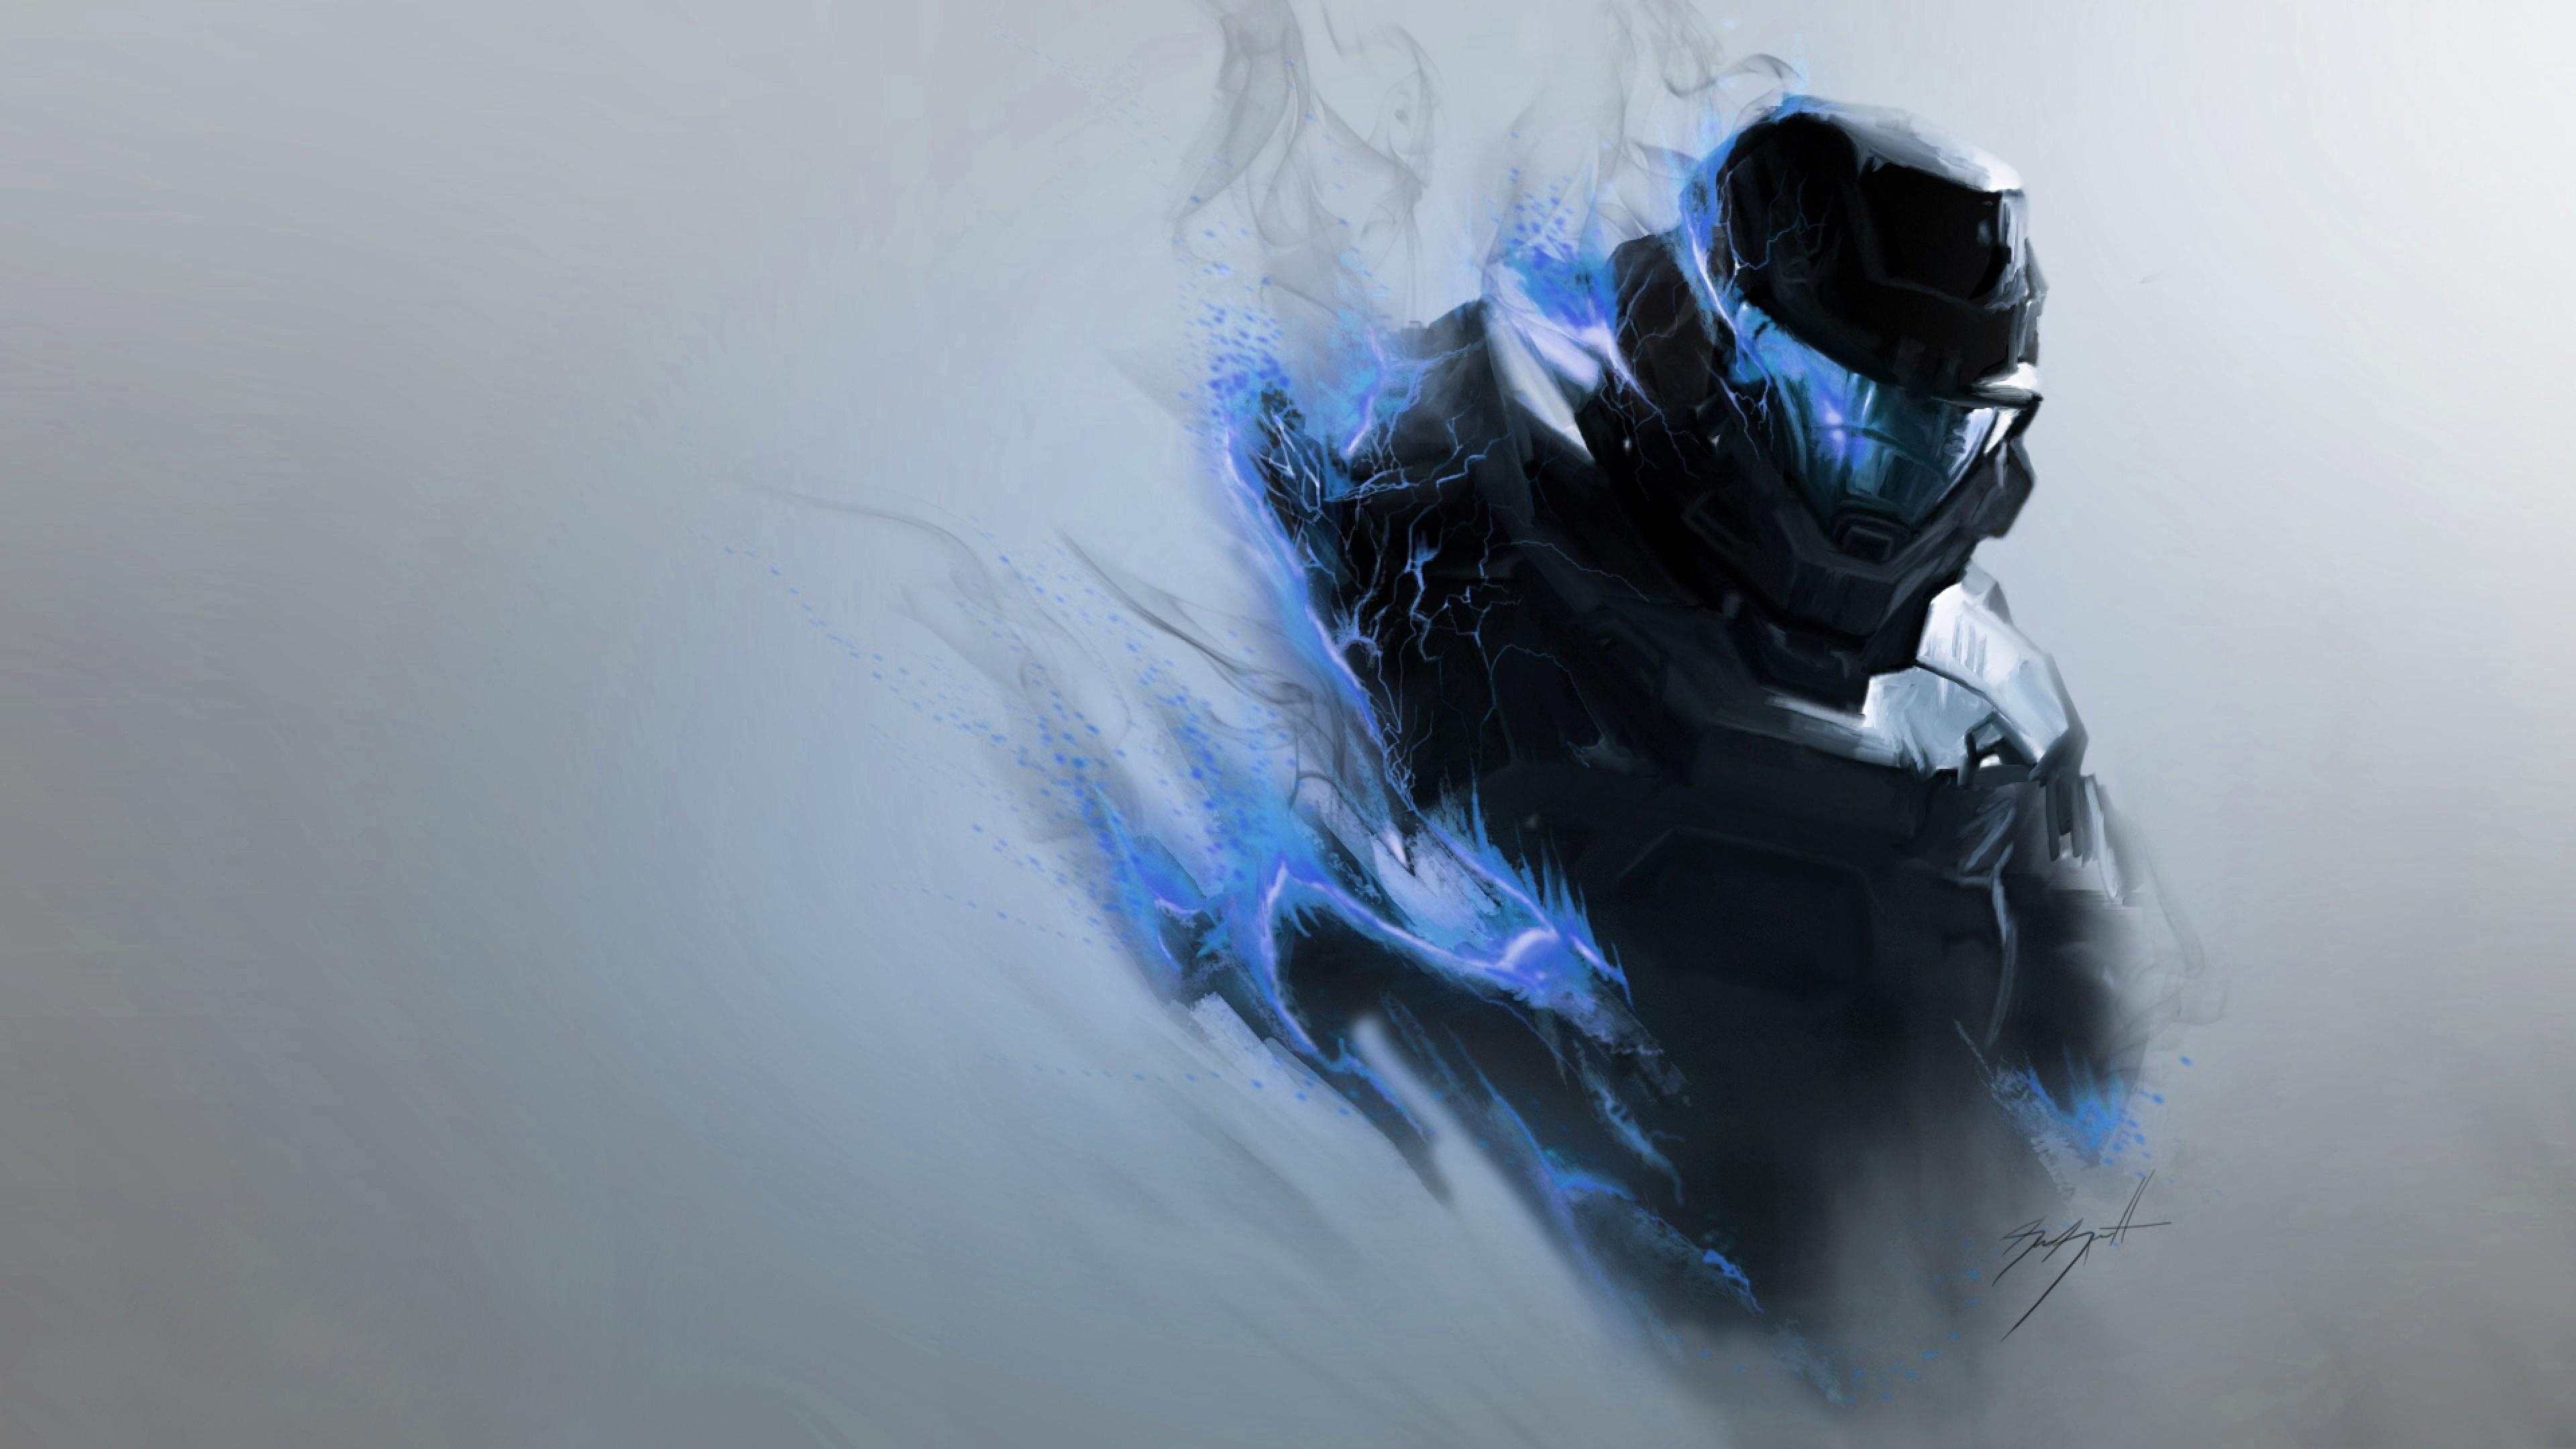 Wallpaper Halo, Smoke, Armor, Soldier, Helmet 4K Ultra HD HD .